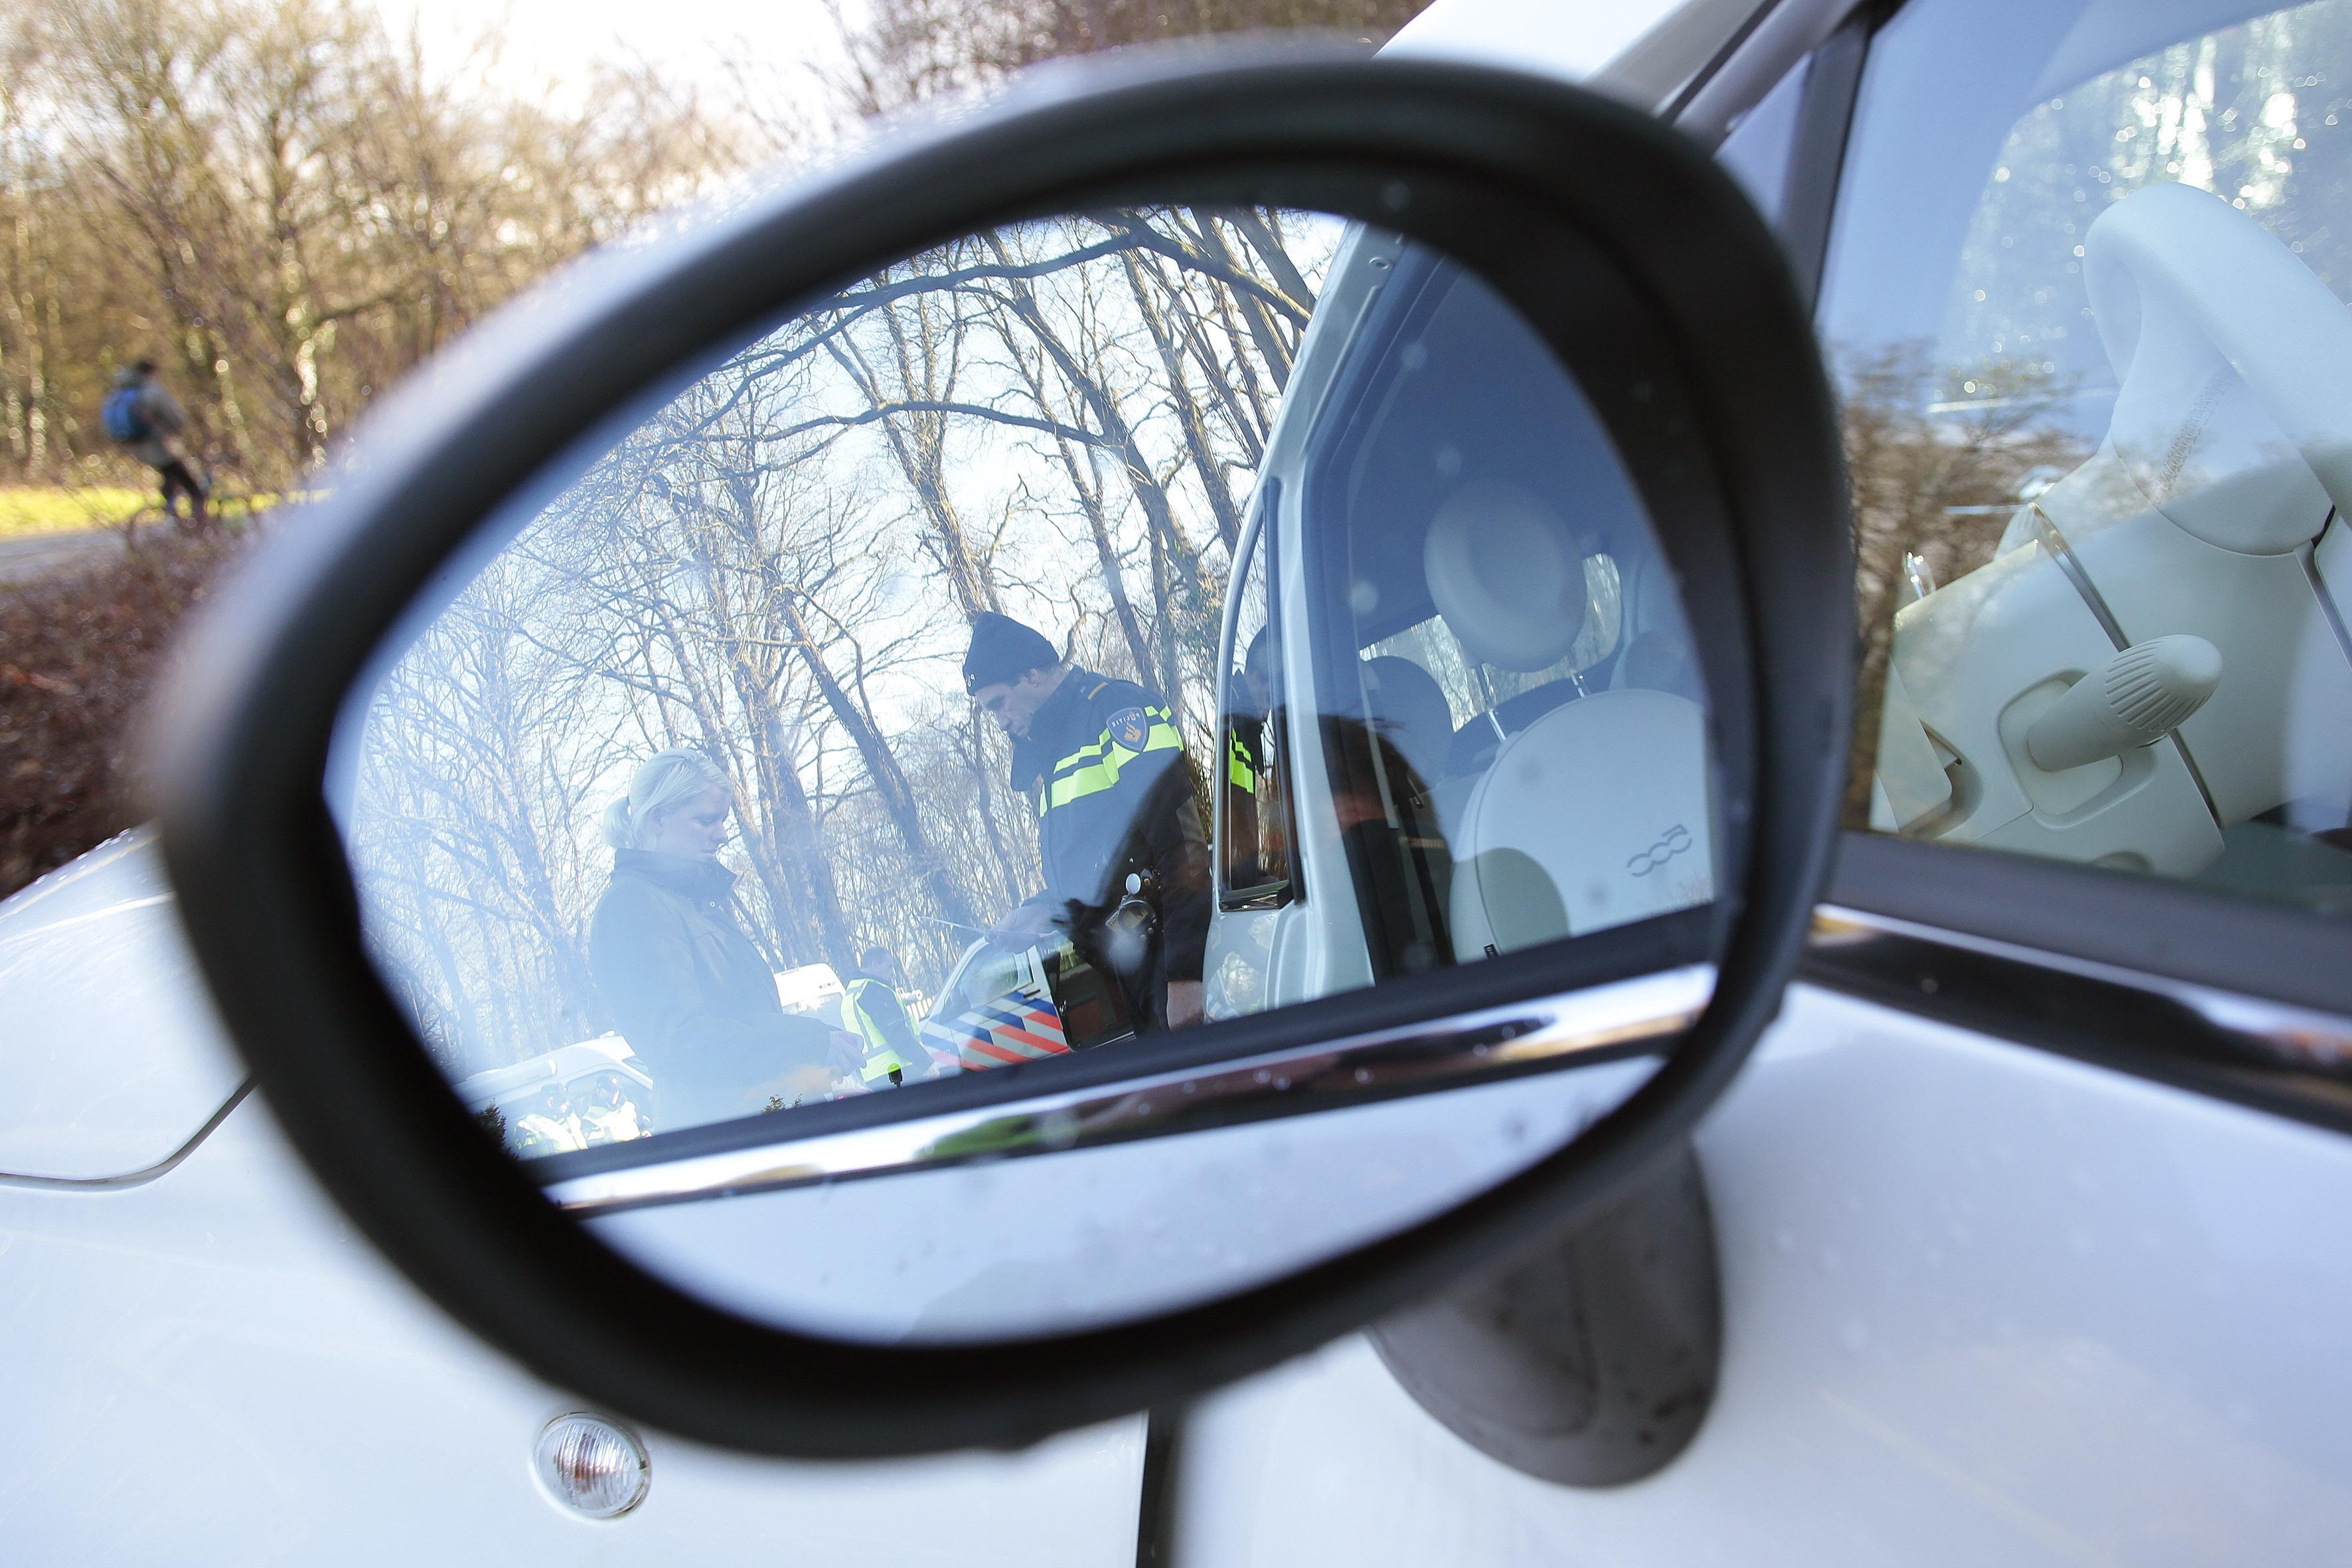 Zorgen om een ongeldig rijbewijs? Helemaal niet nodig, zegt een attente lezer | Column